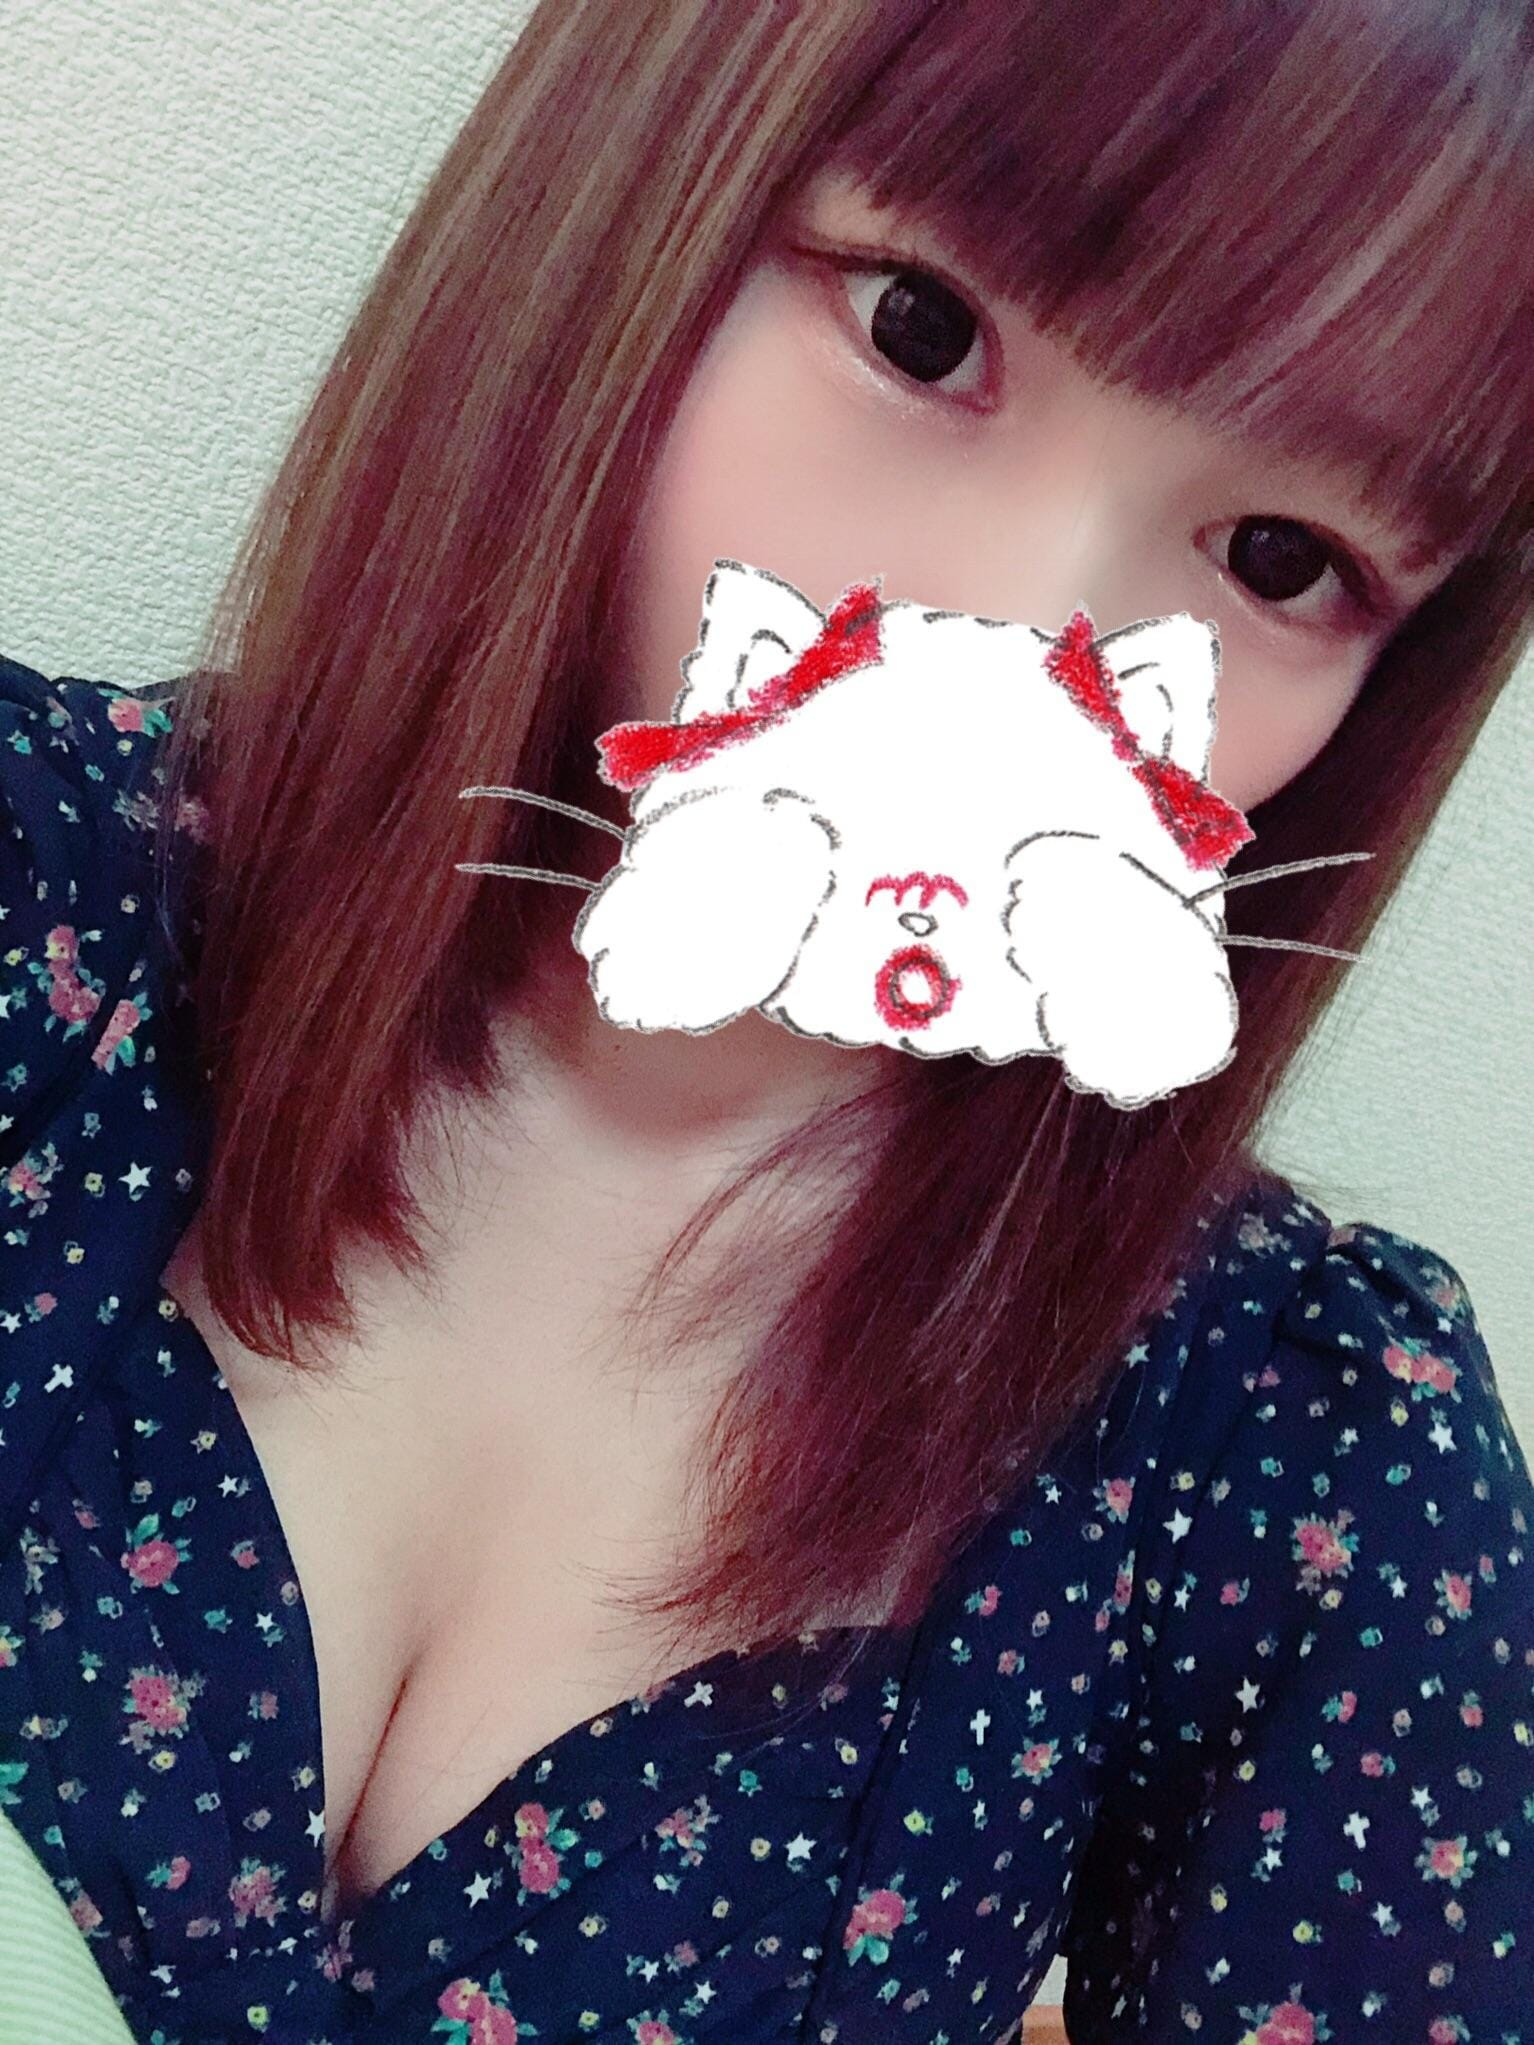 「おれい」02/14(02/14) 00:10 | 花澤 みれいの写メ・風俗動画